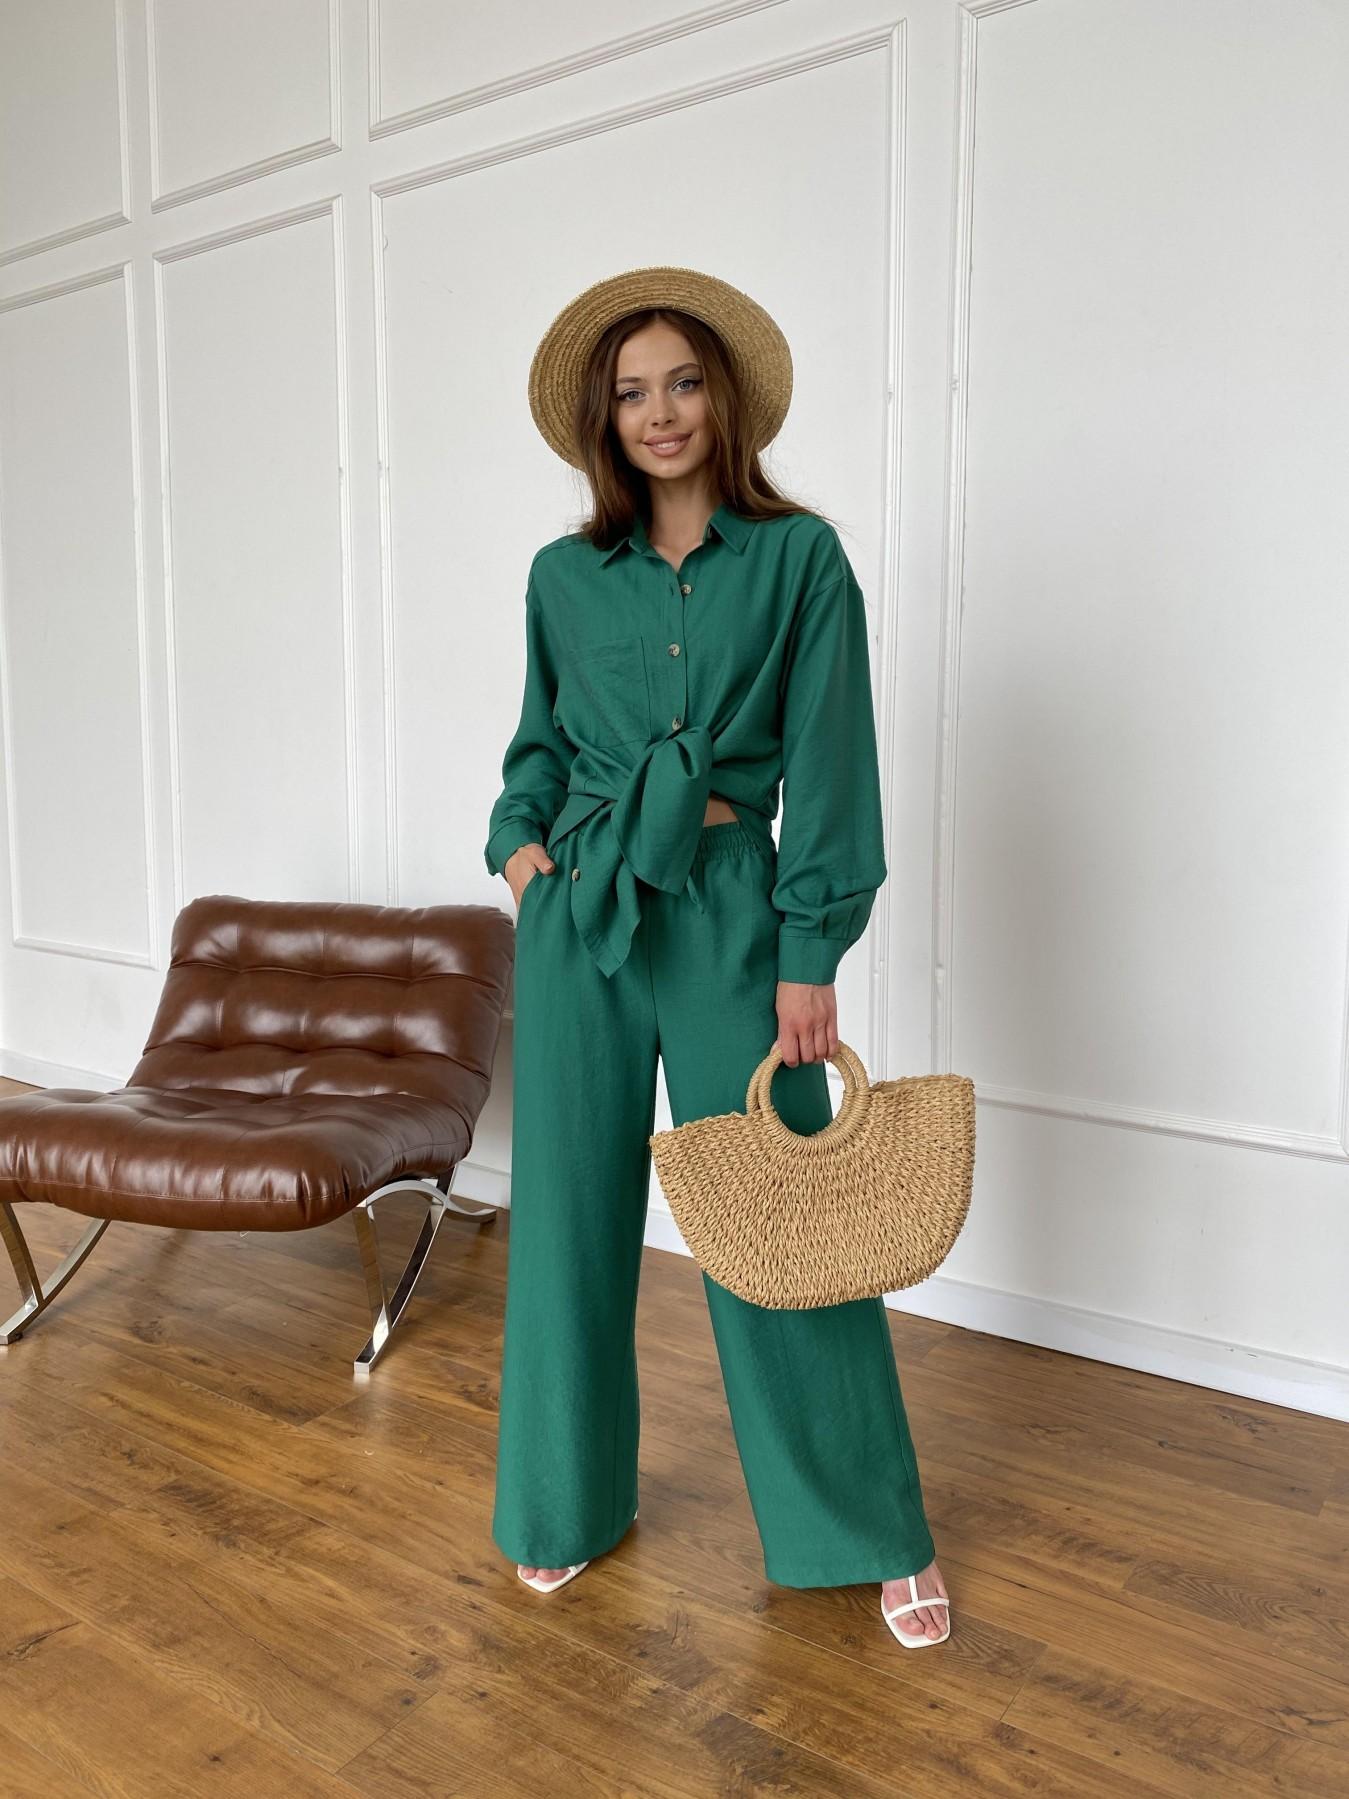 Дуэтто костюм из льна жатка не стрейч 11413 АРТ. 47961 Цвет: Зеленый - фото 10, интернет магазин tm-modus.ru